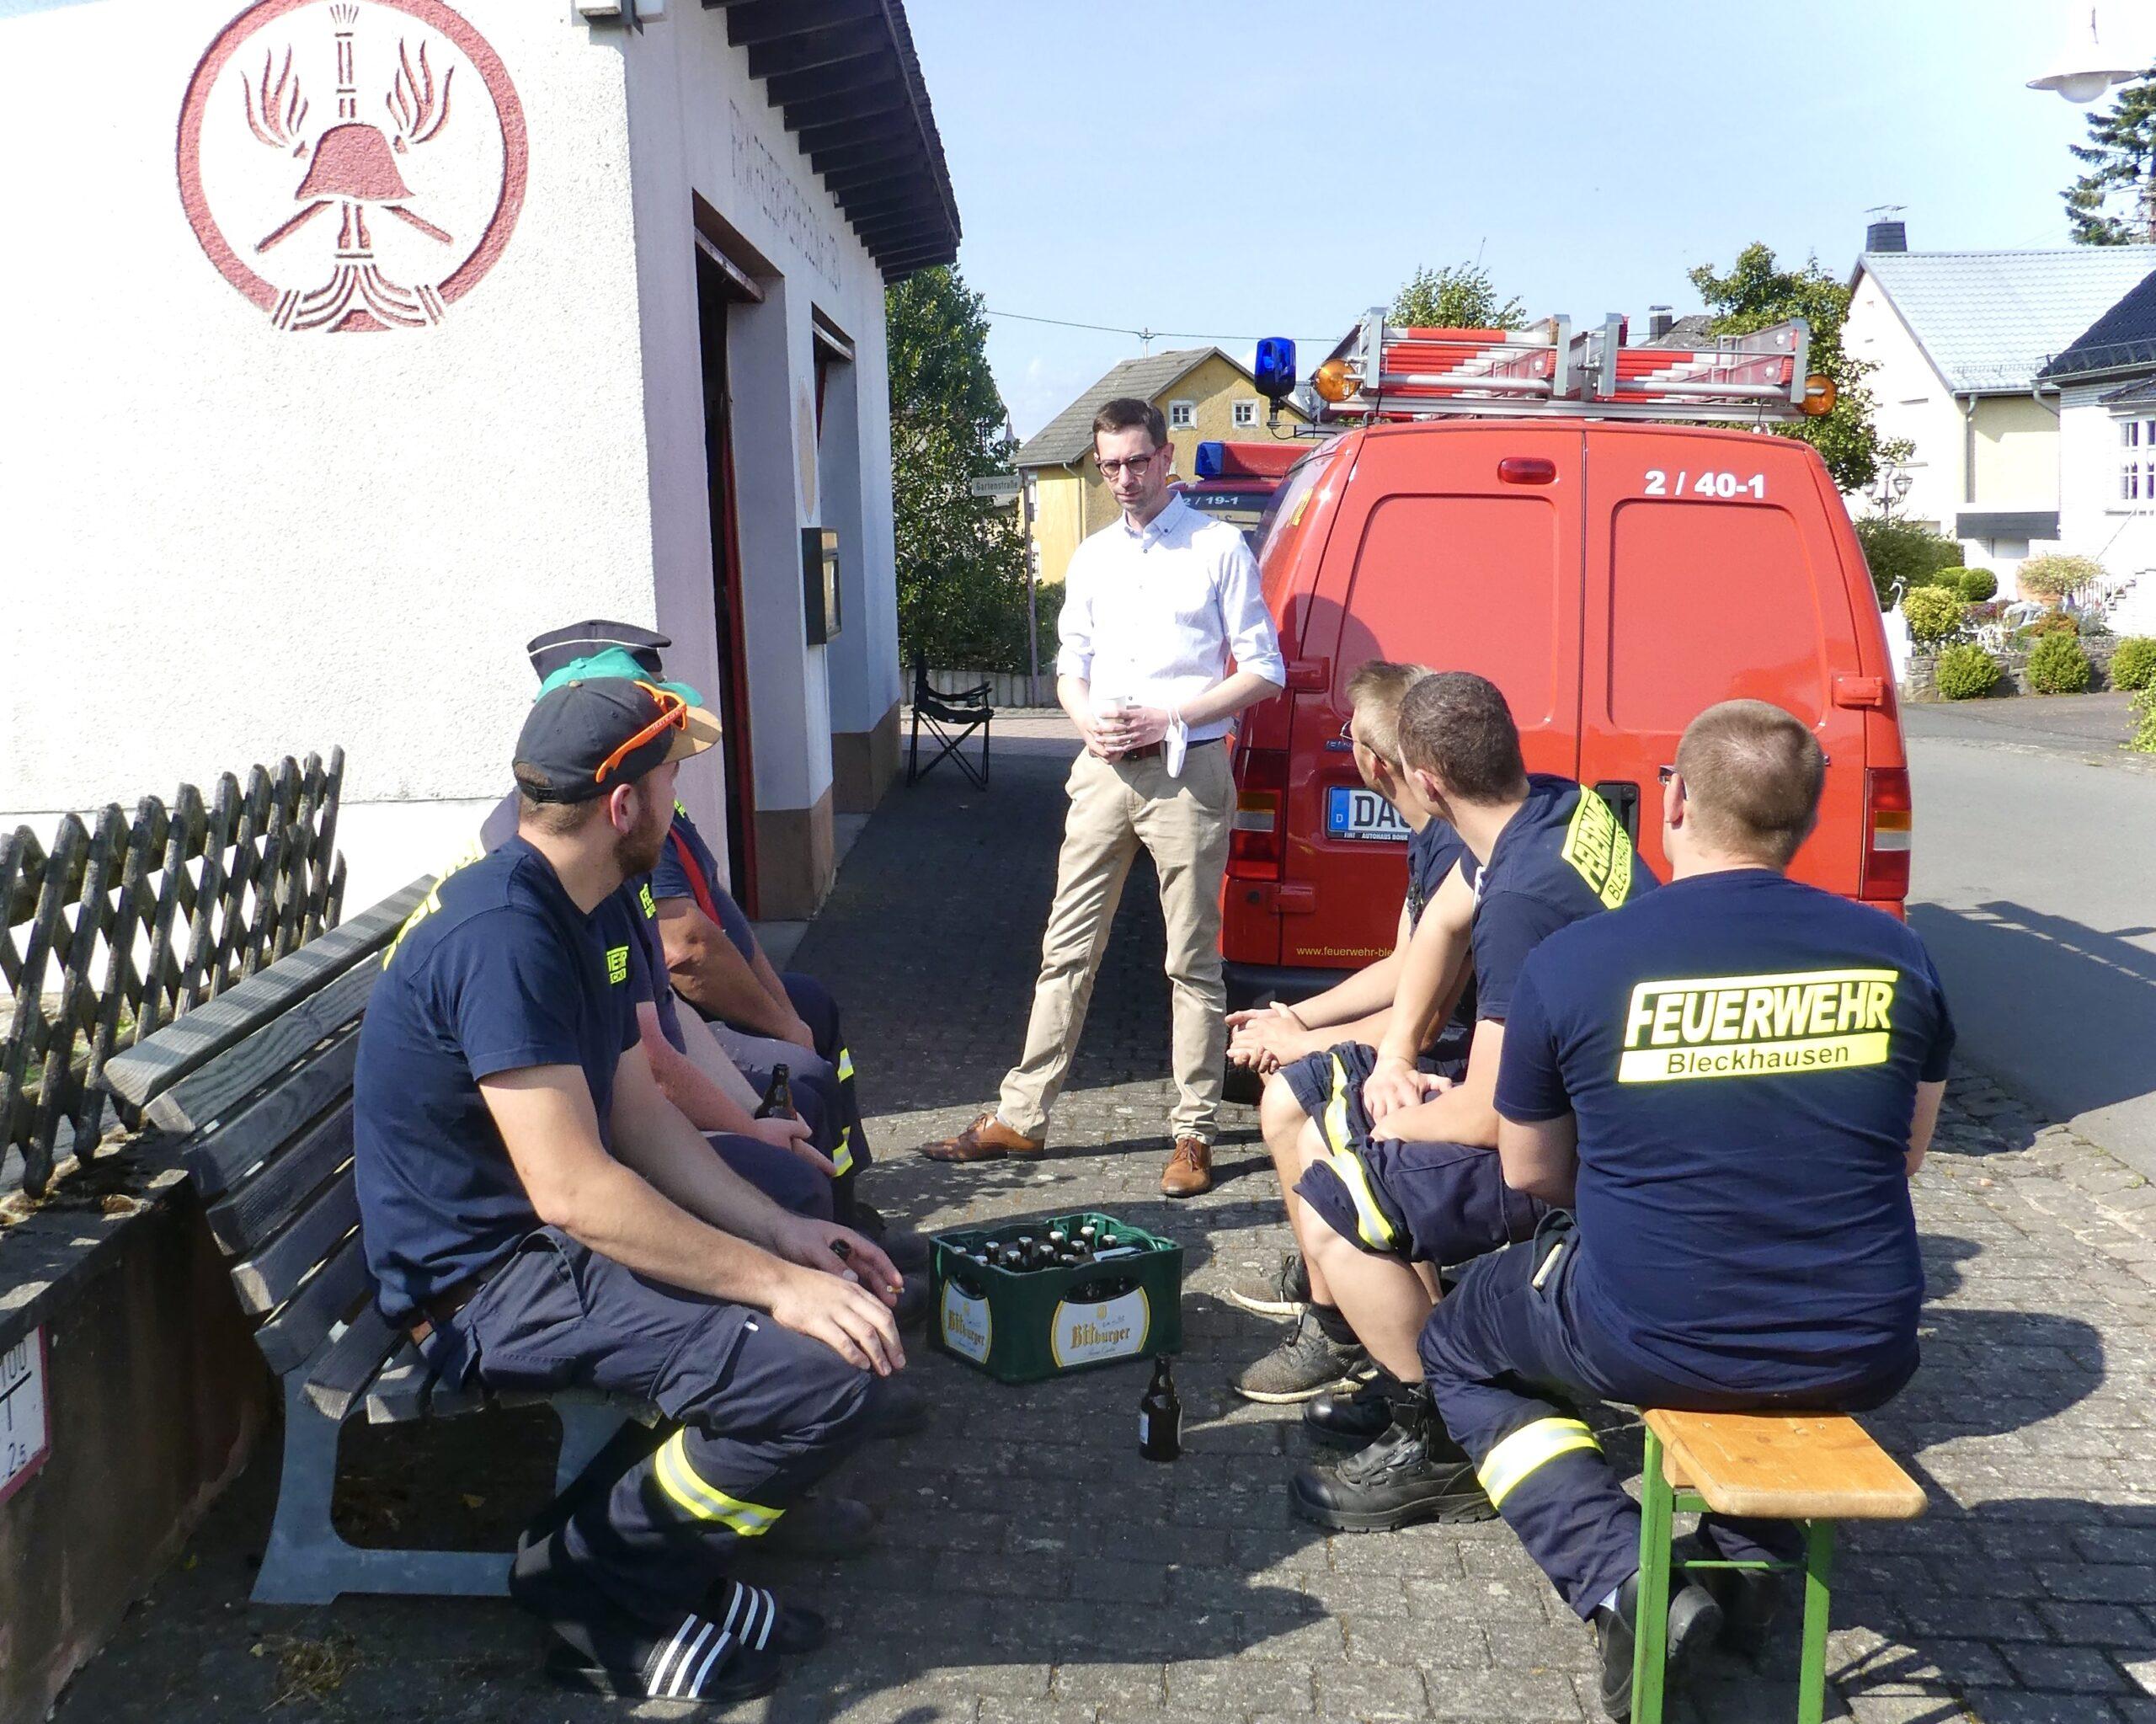 Jens Jenssen im Gespräch mit Mitgliedern der Freiwilligen Feuerwehr Bleckhausen.